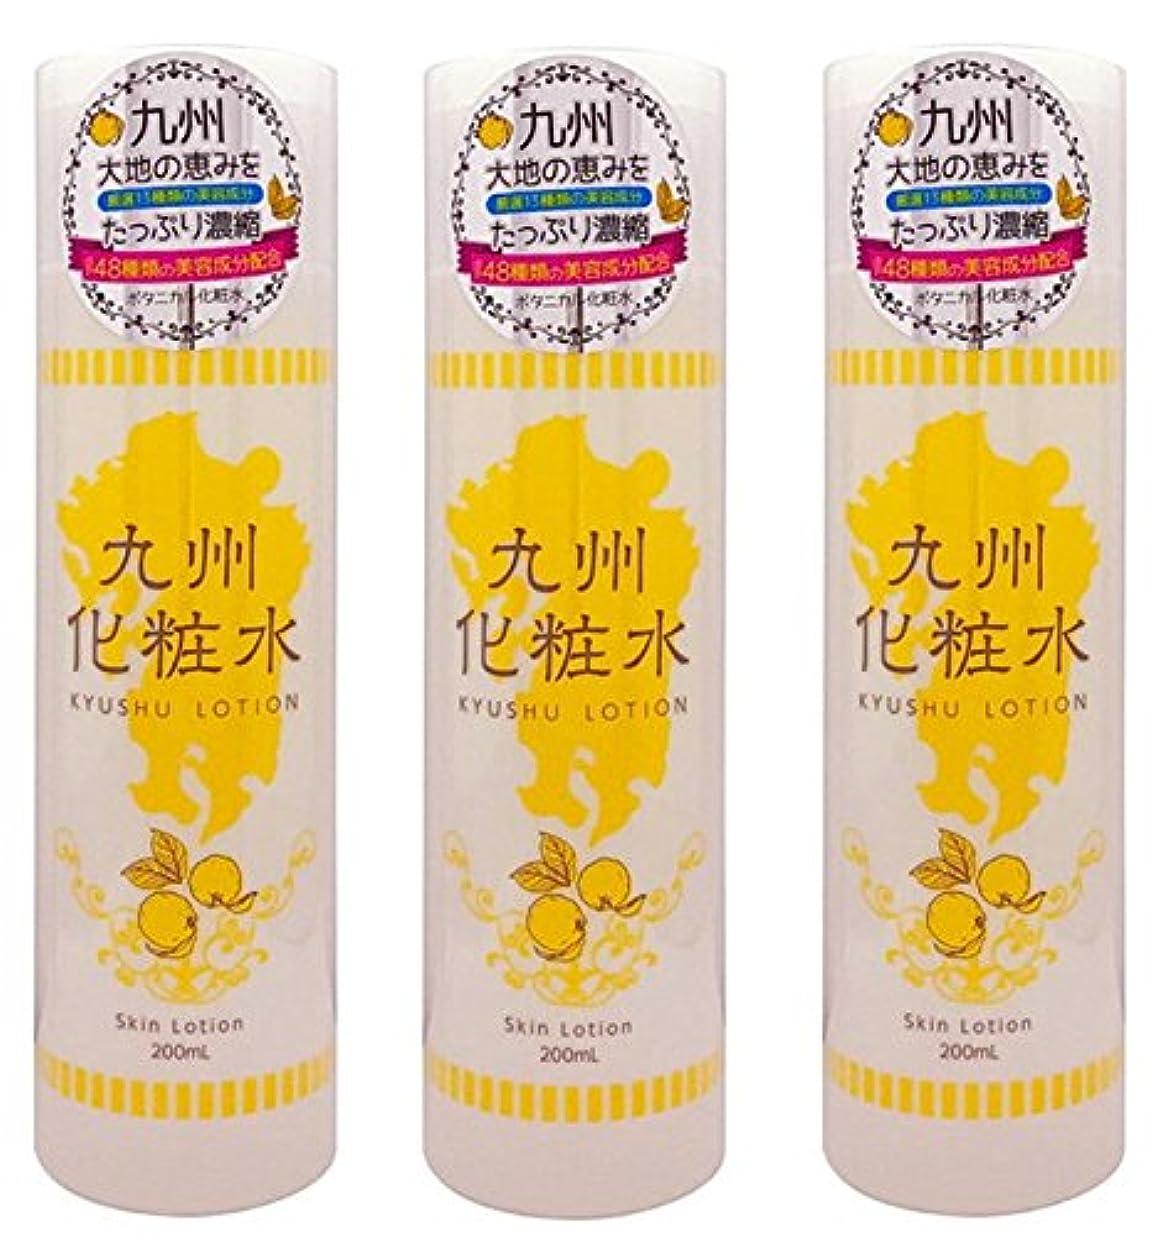 長椅子悪意のある切り離す九州化粧水 200ml (ボタニカル化粧水) X 3本セット